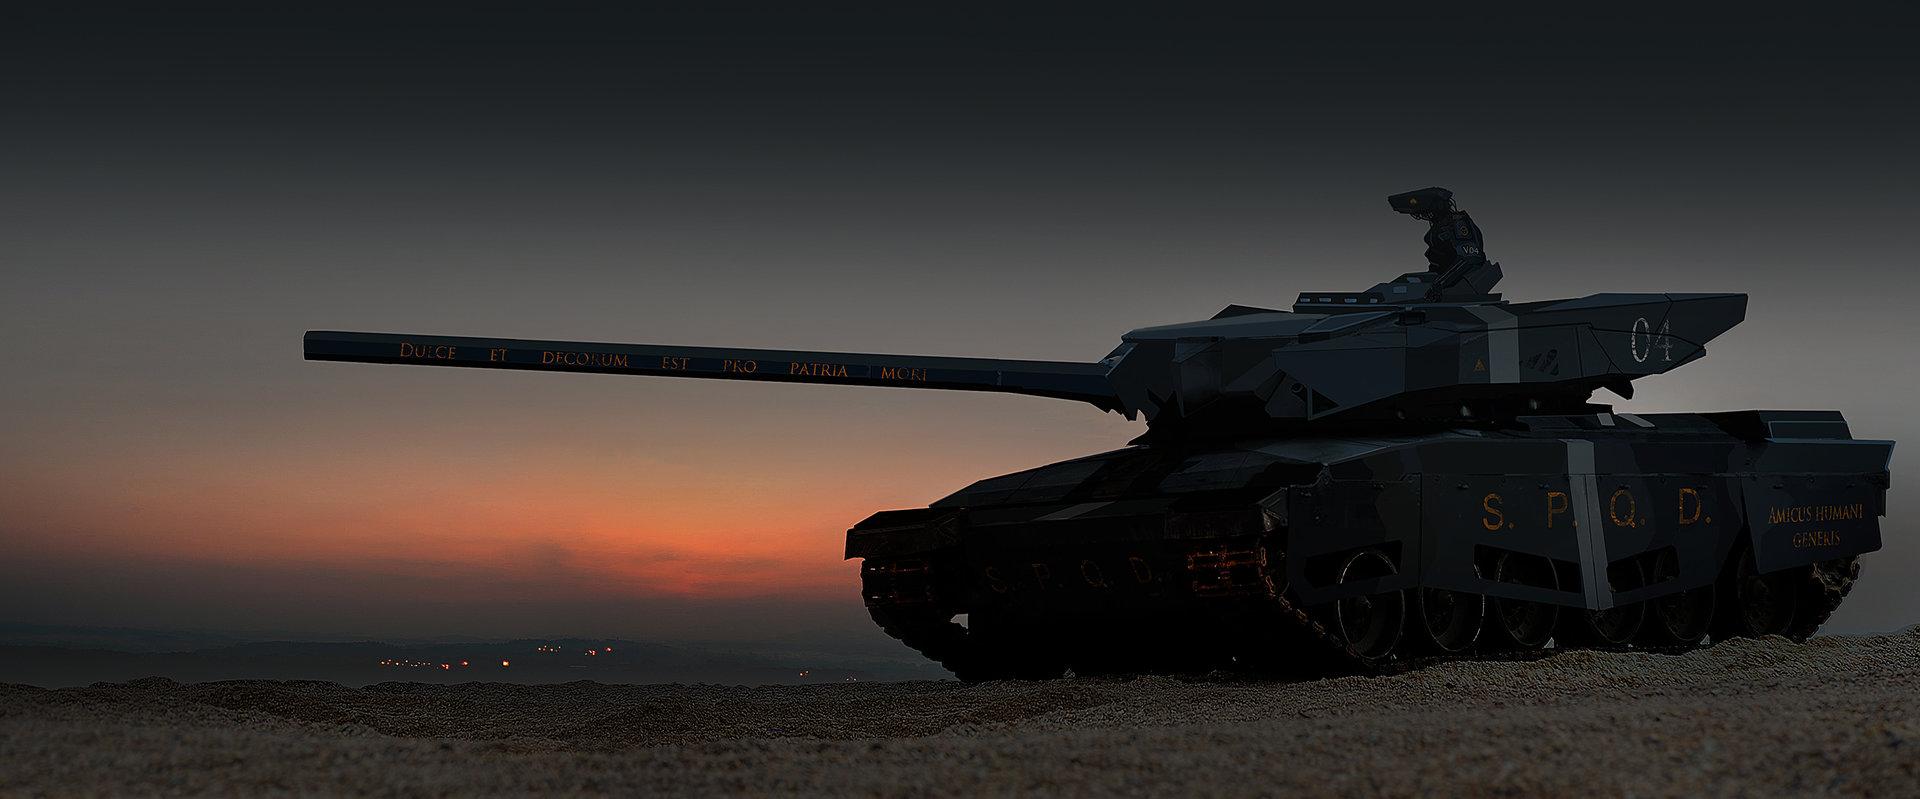 Oleg danilenko achtung panzer